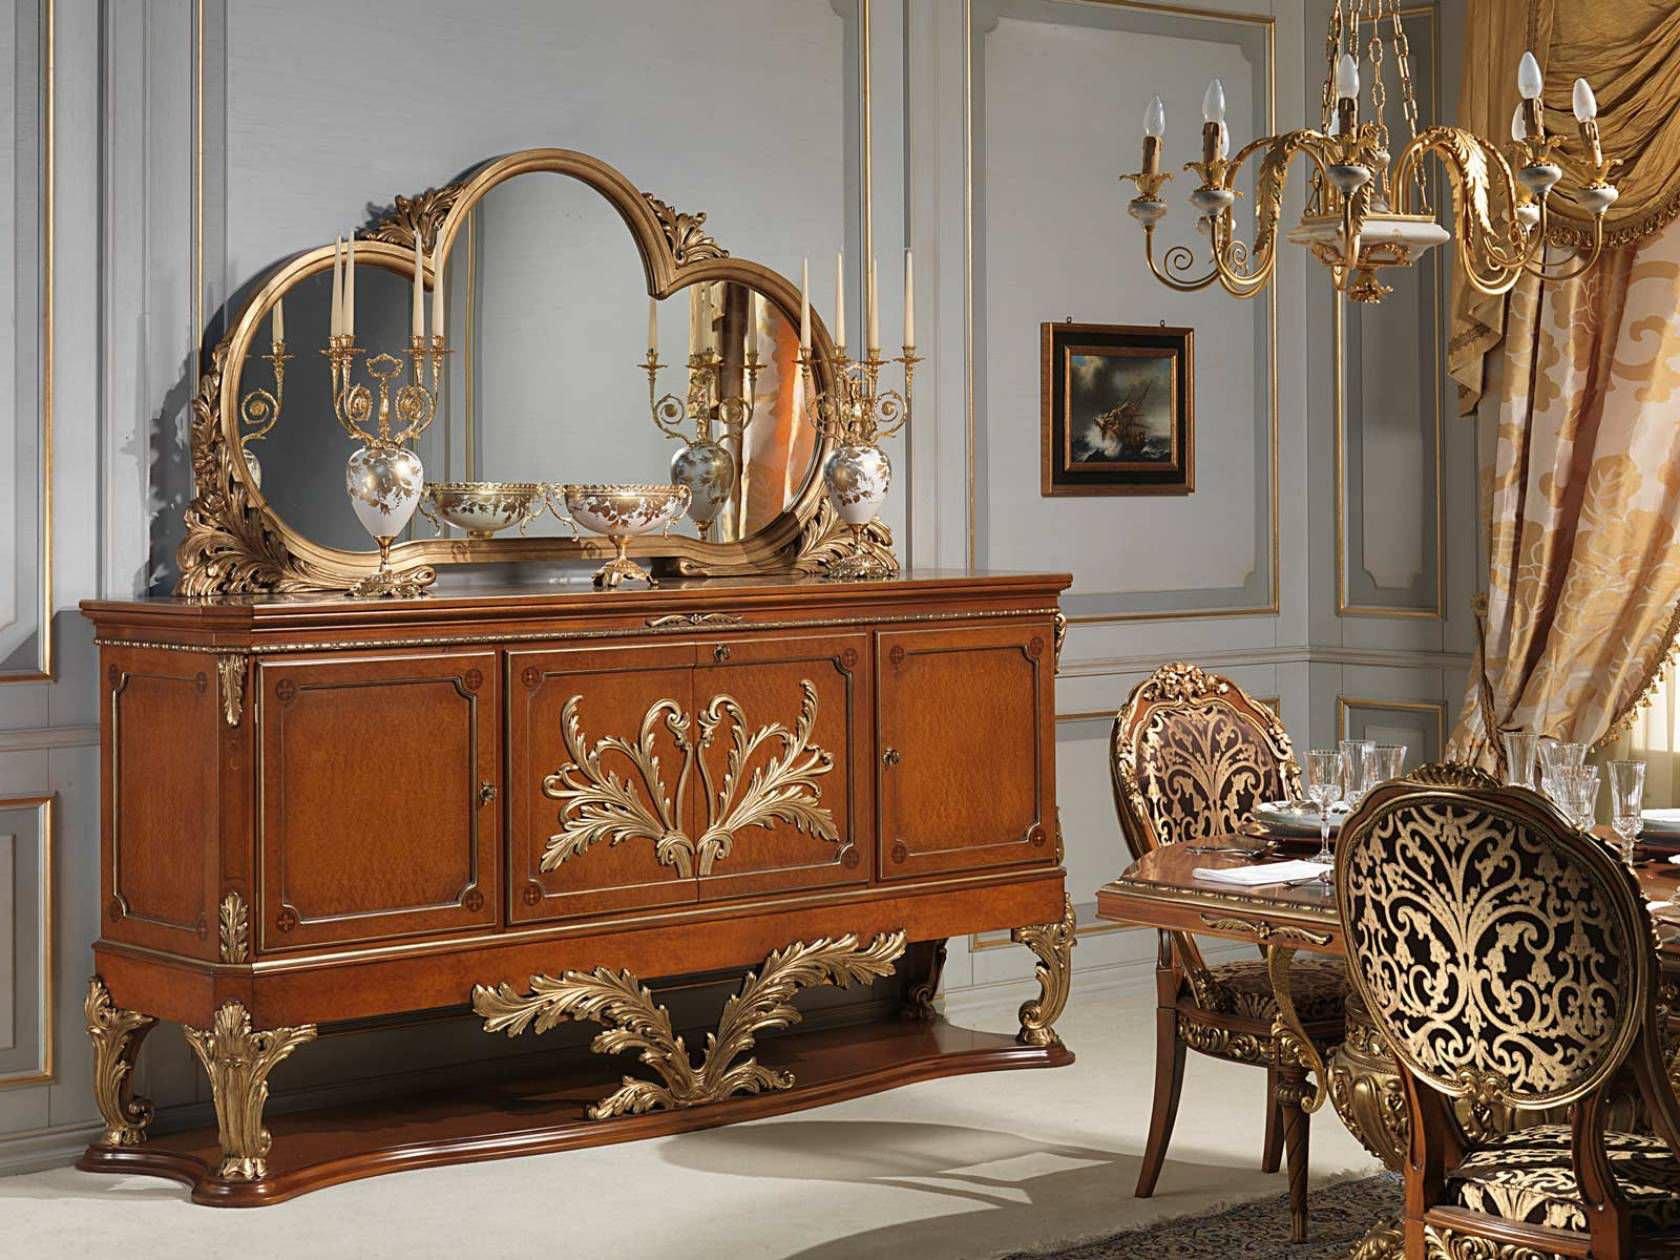 Aparador De Estilo Luis Xvi De Madera Versailles Vimercati  # Muebles Luis Xv Caracteristicas